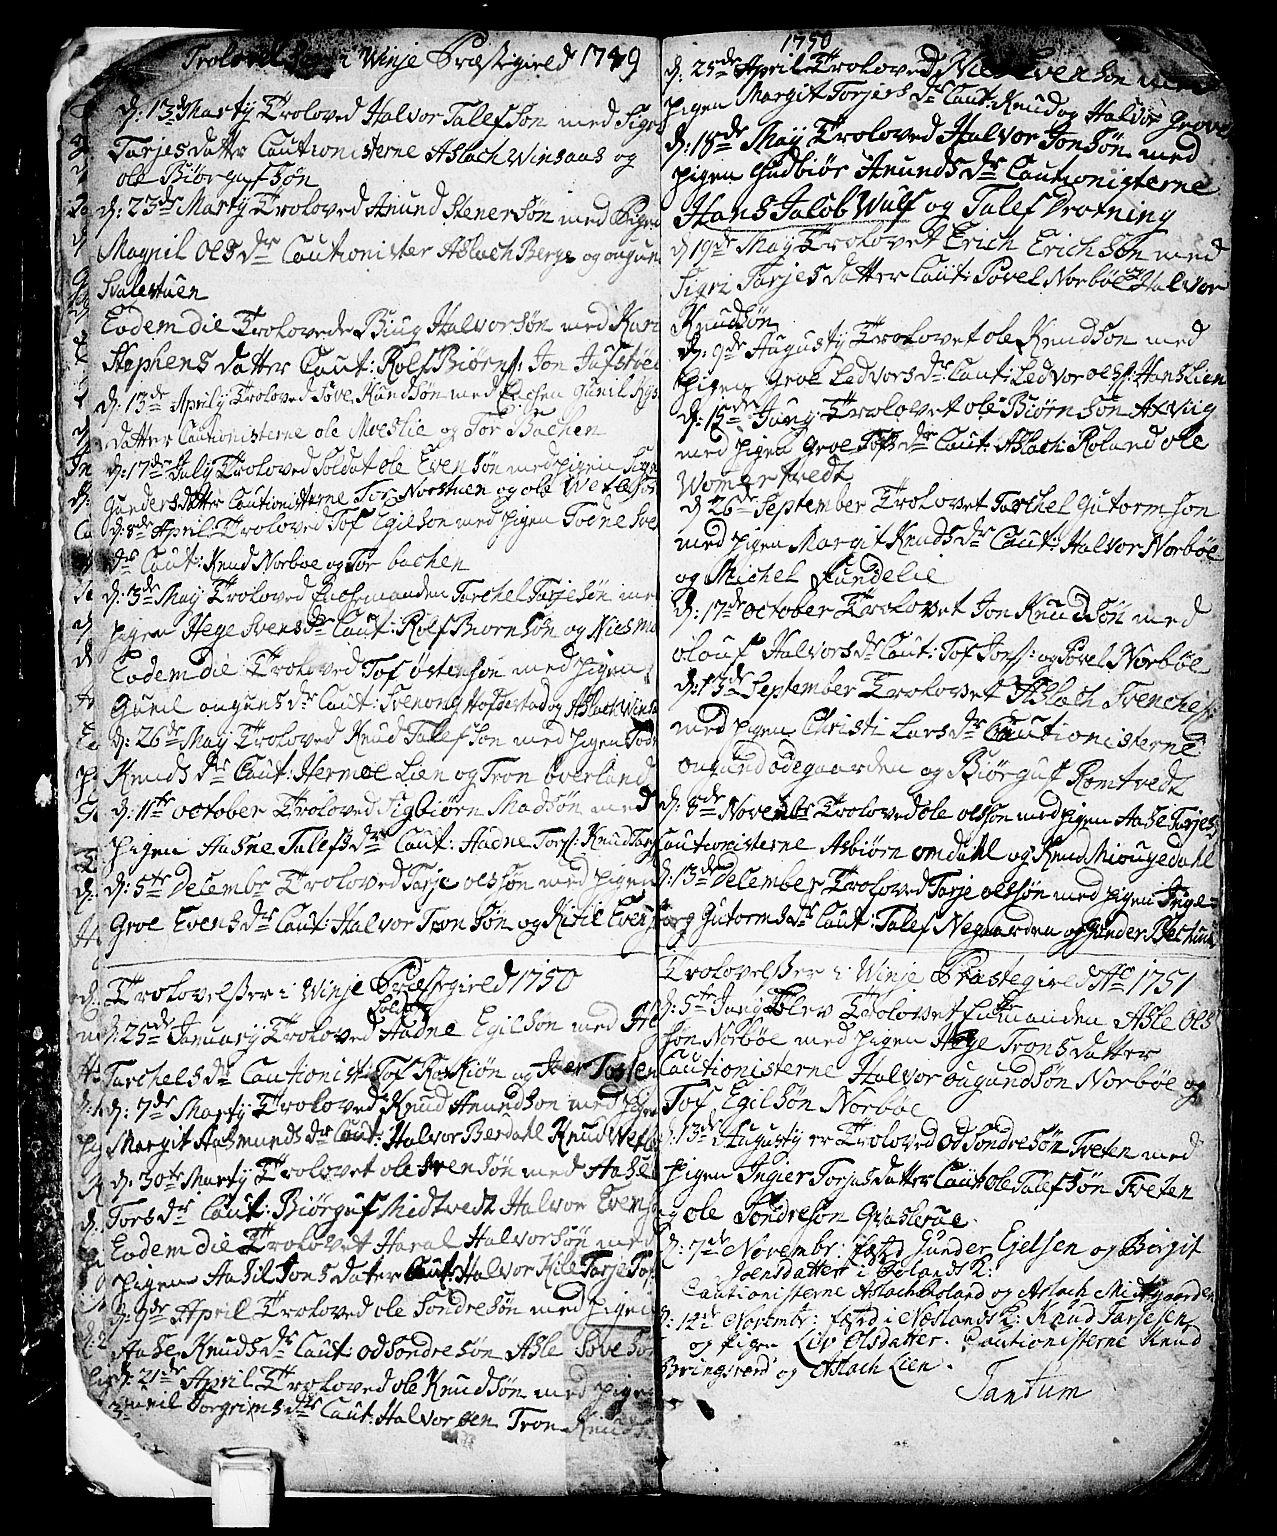 SAKO, Vinje kirkebøker, F/Fa/L0001: Ministerialbok nr. I 1, 1717-1766, s. 11